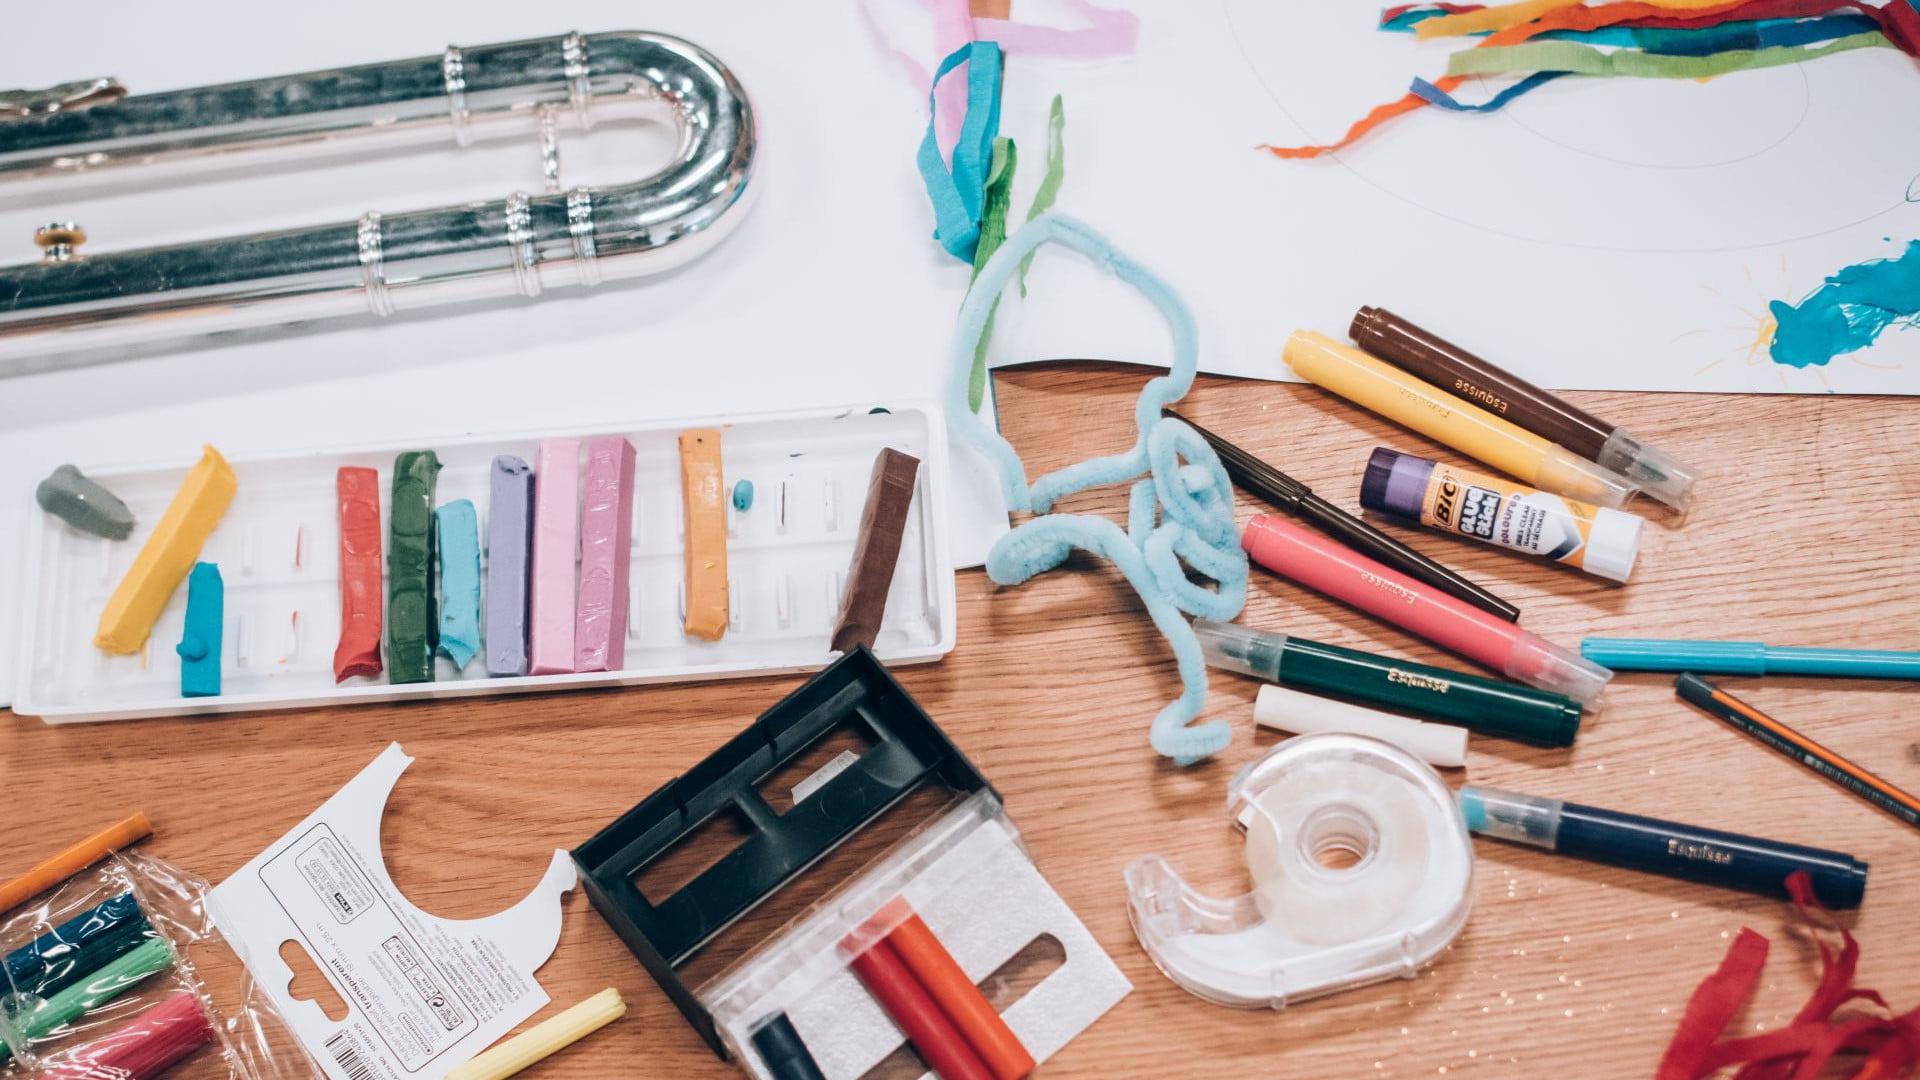 Materiały plastyczne: pisaki, plastelina, taśma klejąca, karton, wstążki